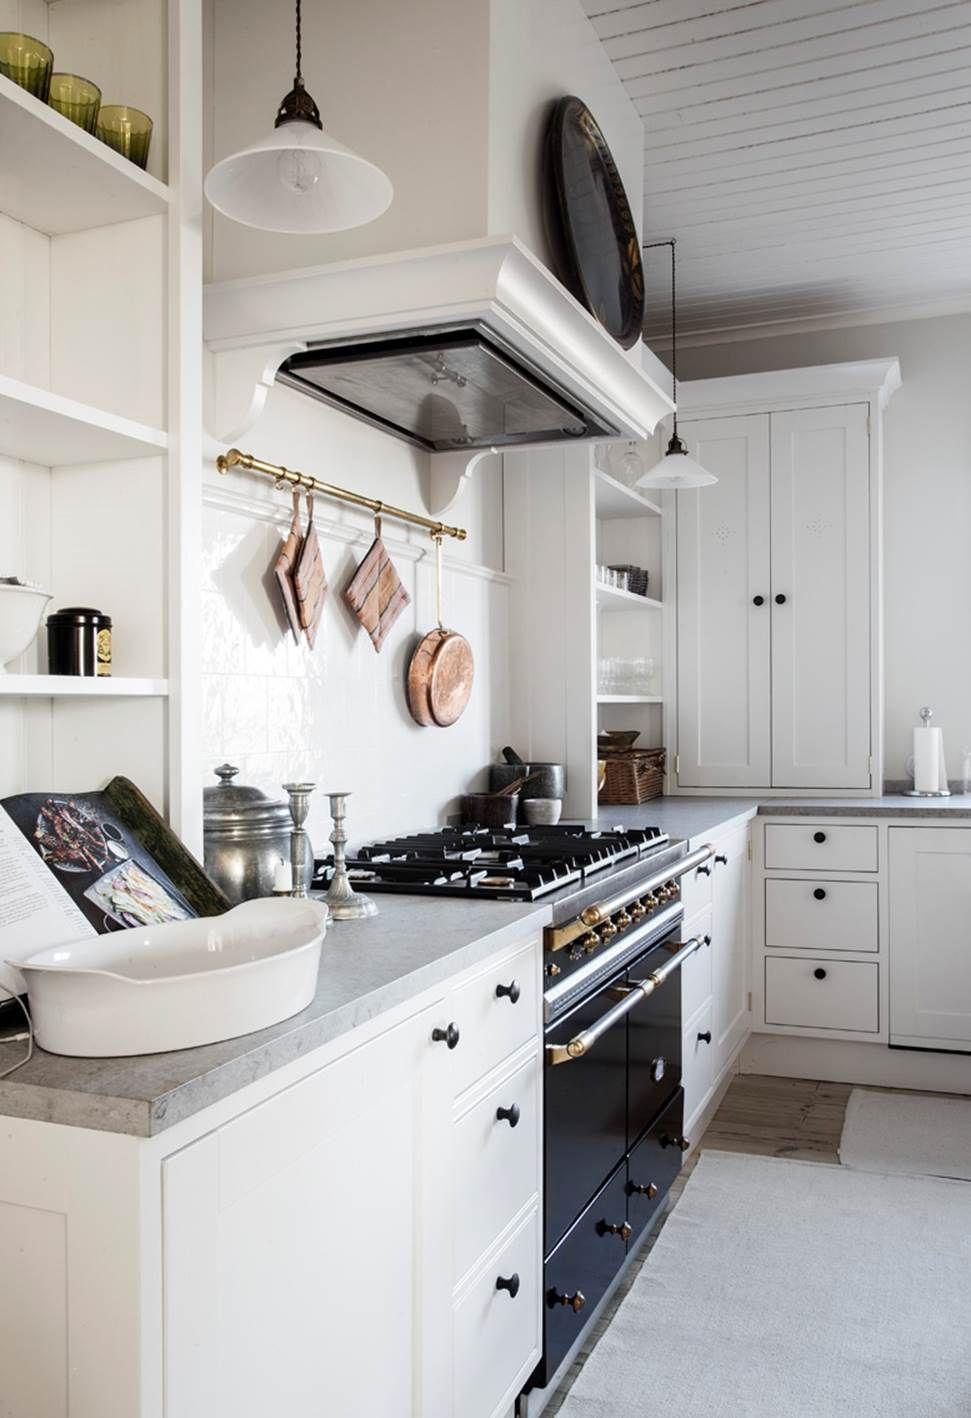 Inredning billiga bänkskivor : Vit grÃ¥ kök med gashäll, bänkskiva i kvartskomposit. www.nerostein ...